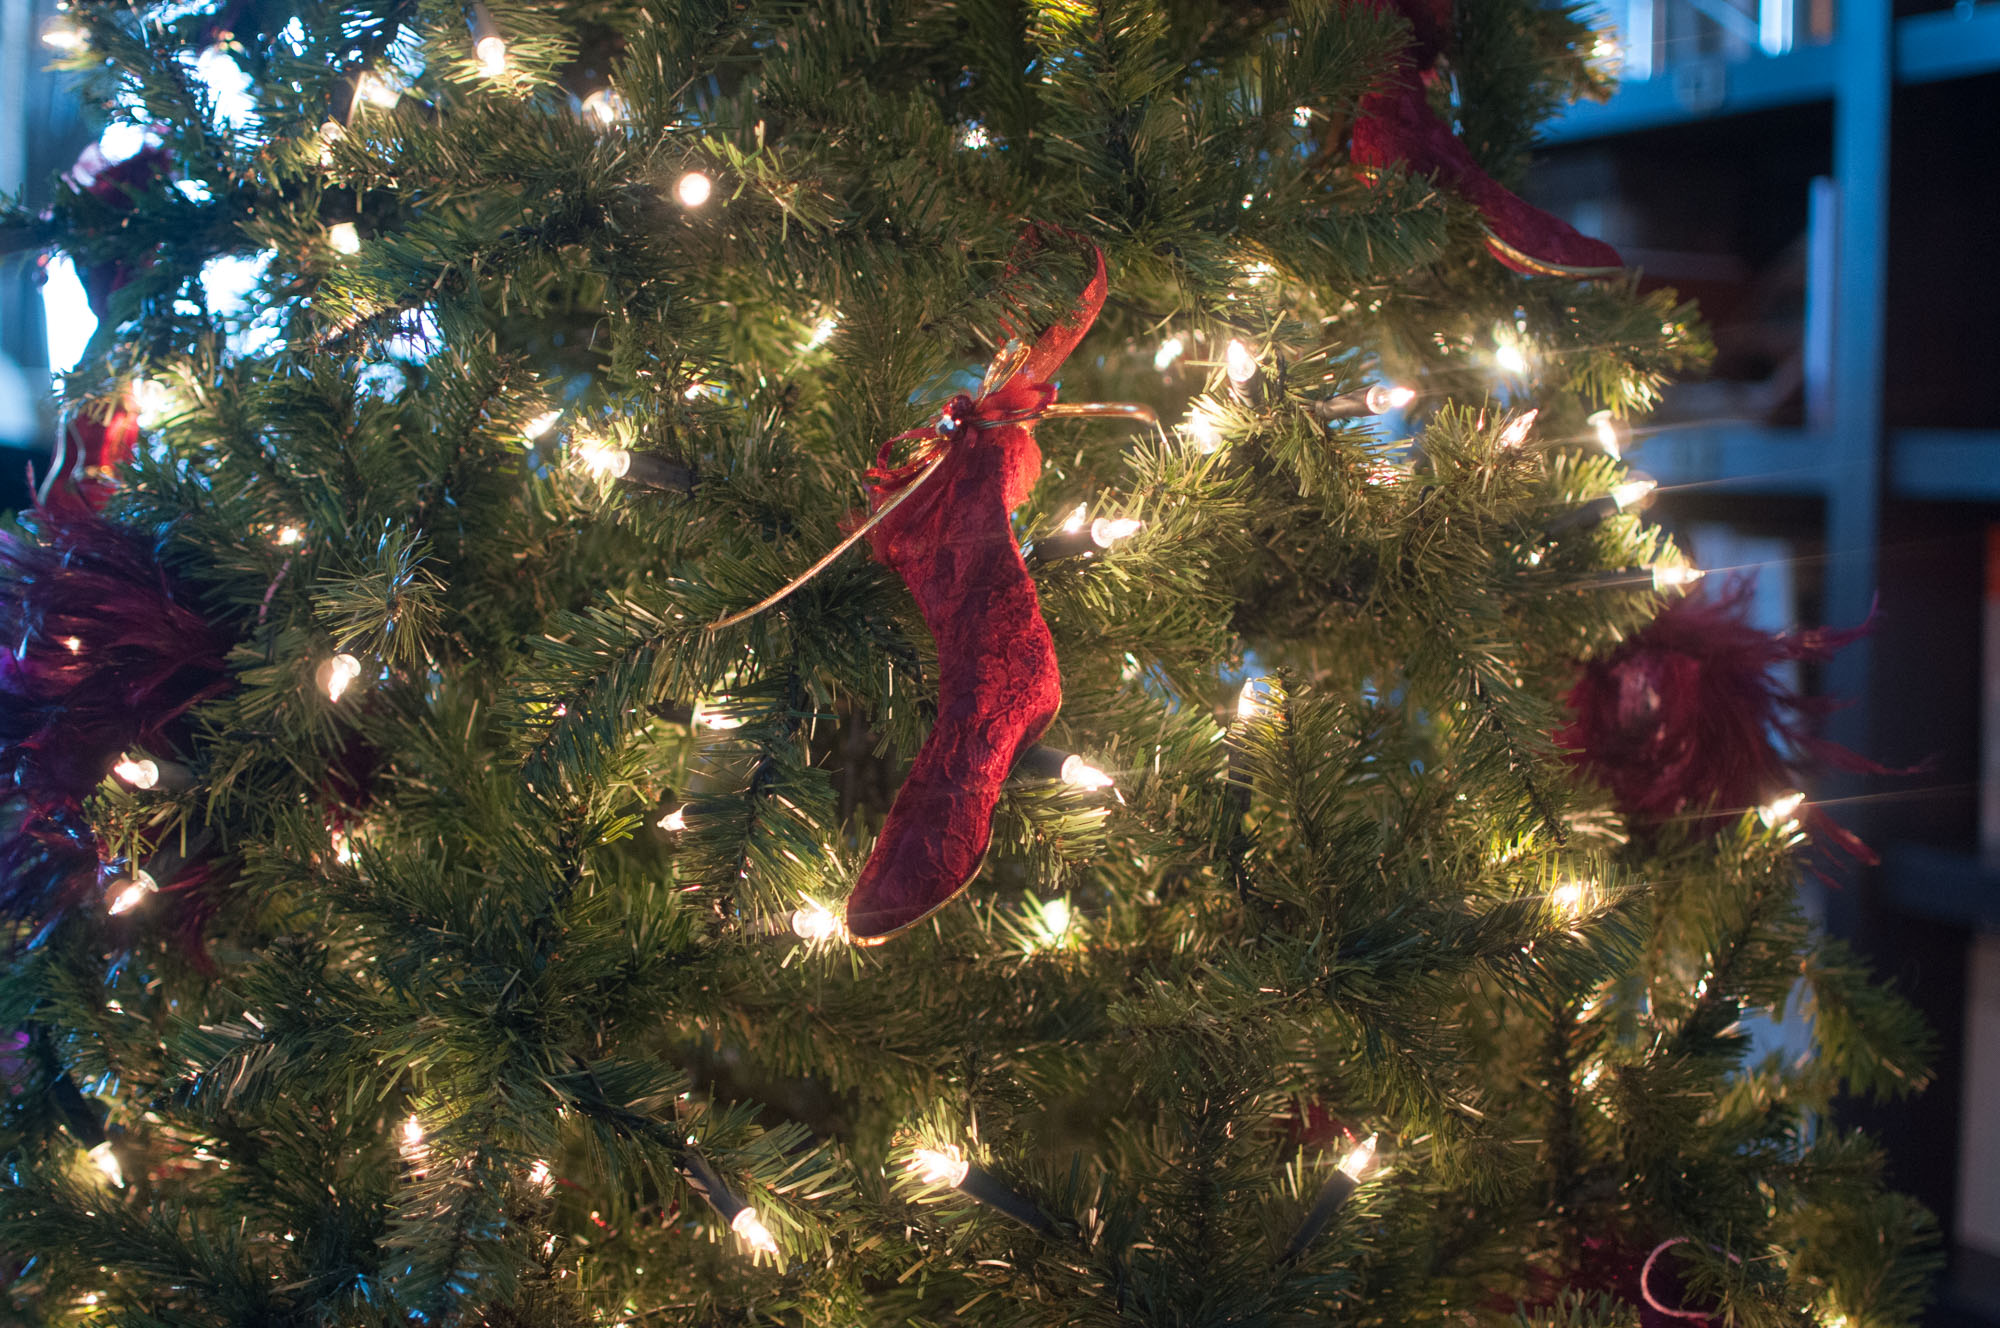 árbol de navidad, persistencia o cambio, mar vidal, xmas, decoración navideña, christmas tree, hogar